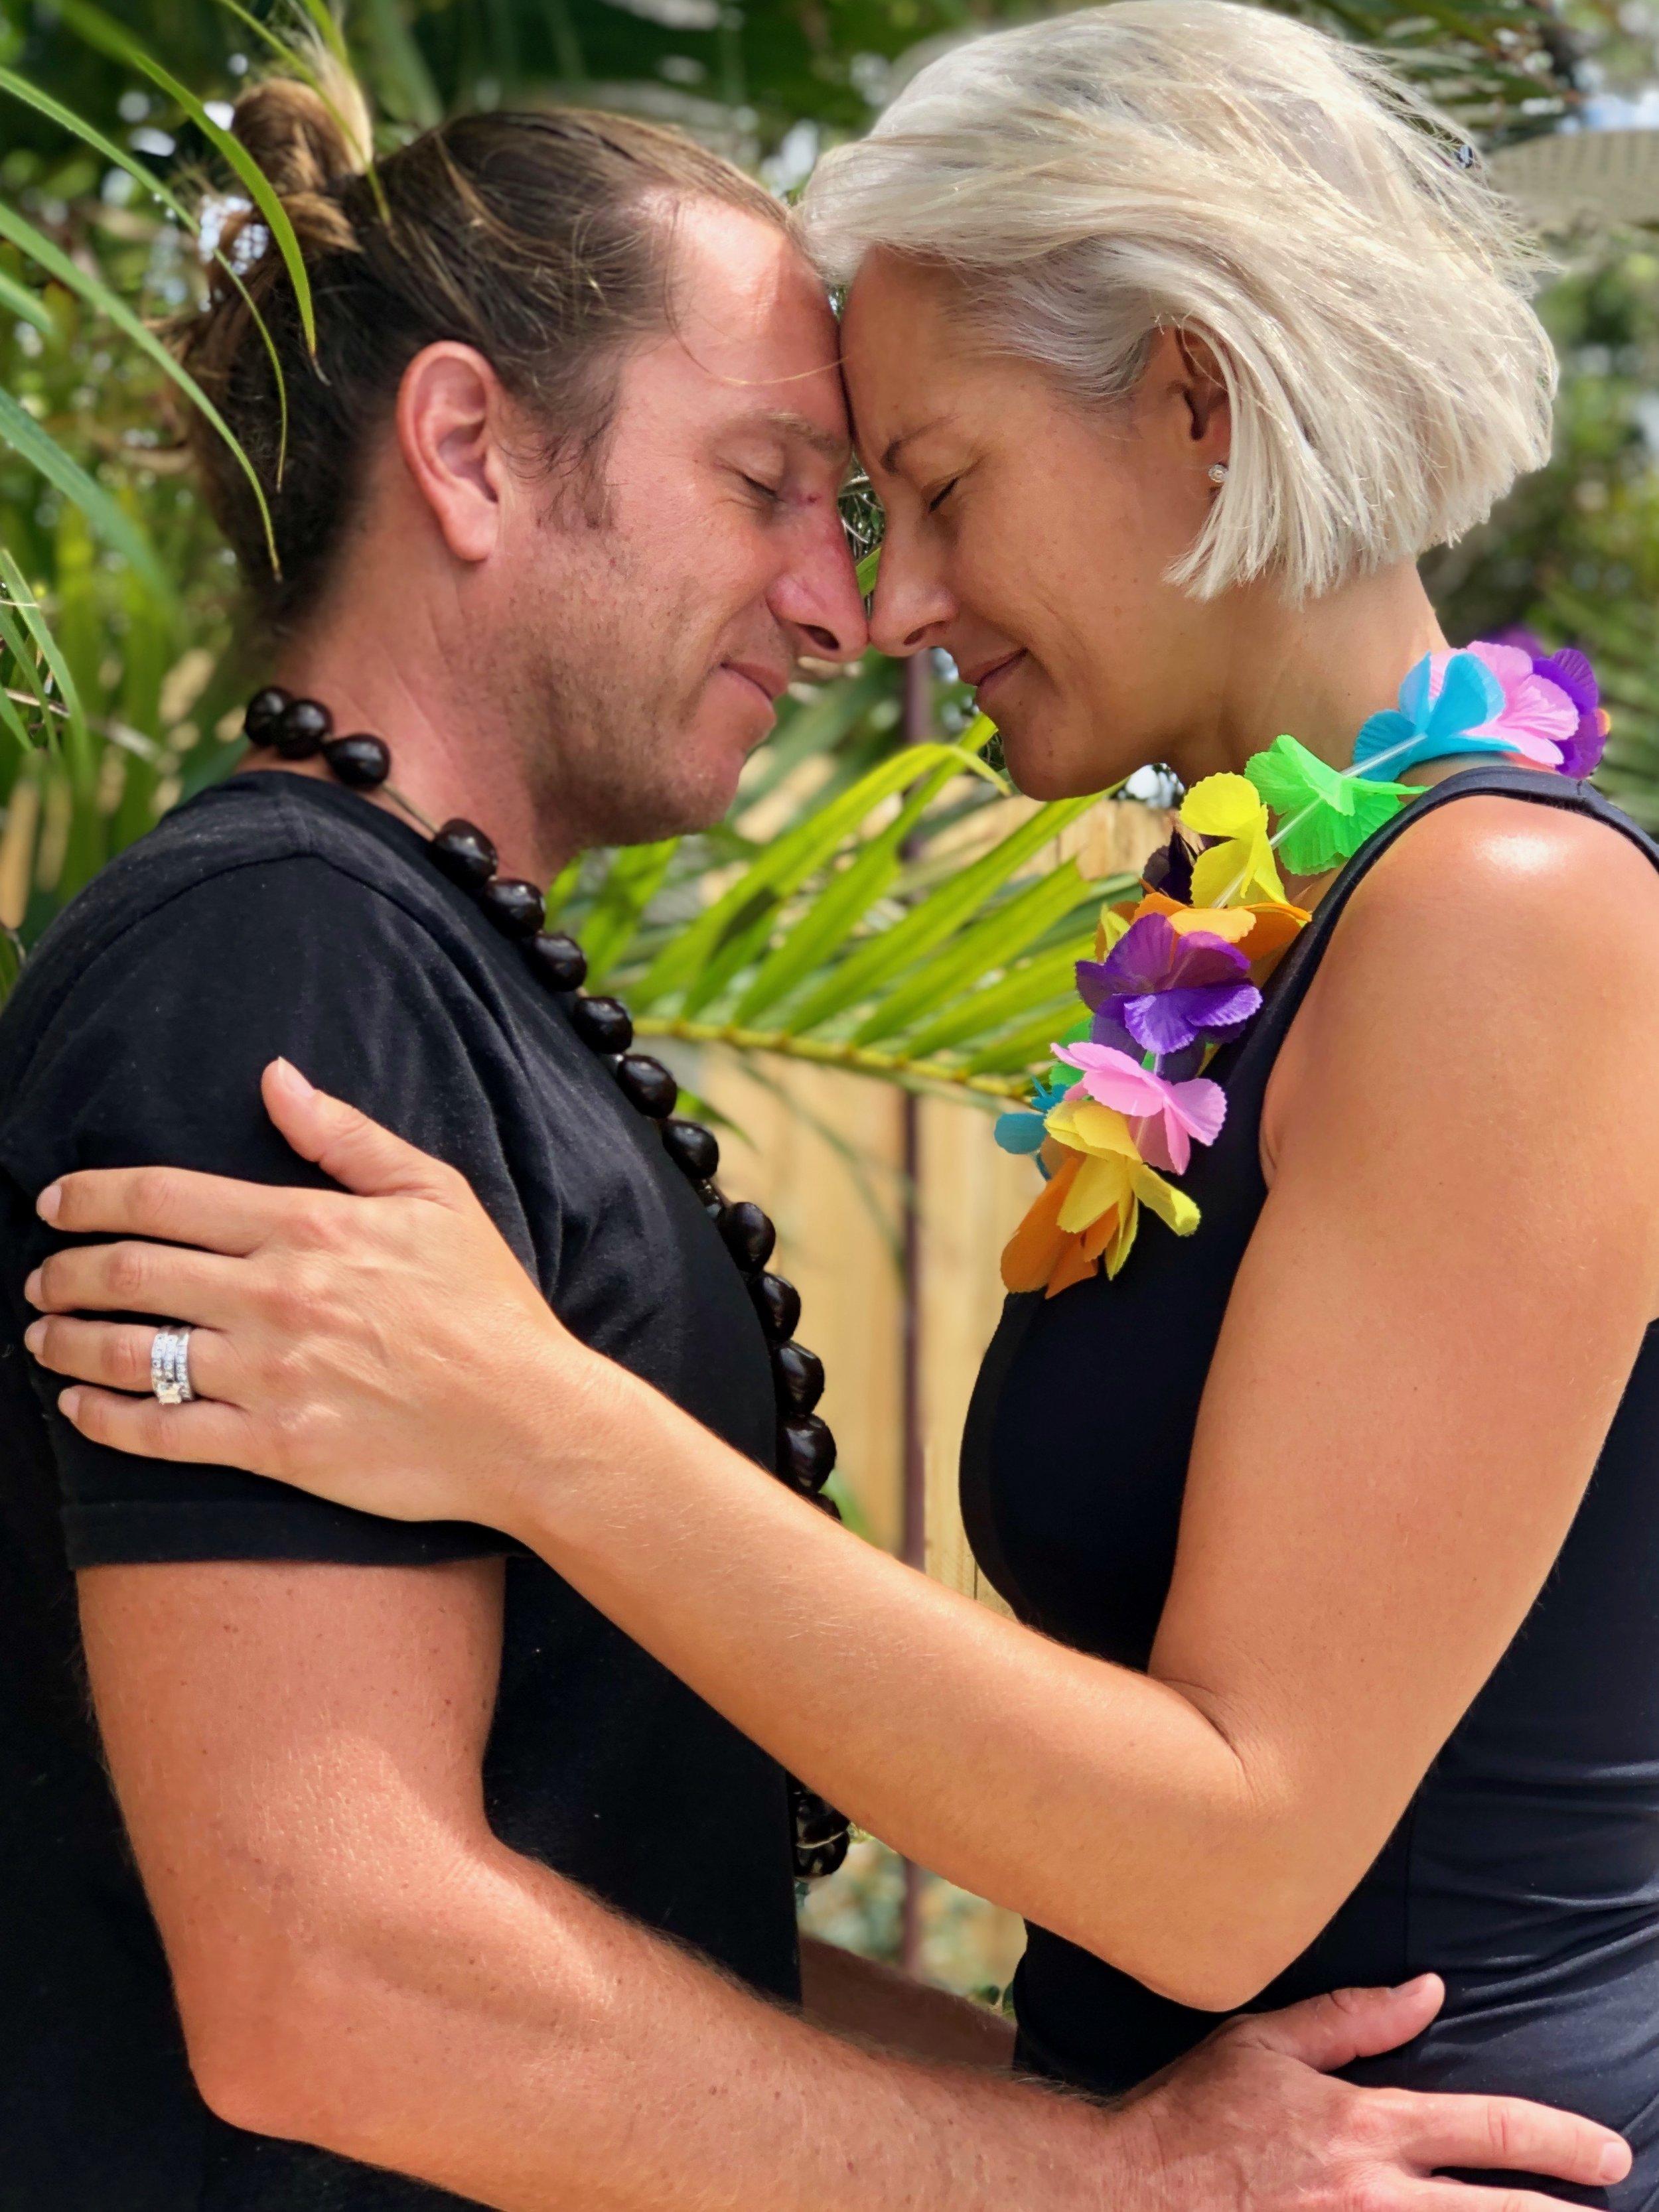 Aloha Aku No, Aloha Mai No  –  I give my love to you, you give your love to me.